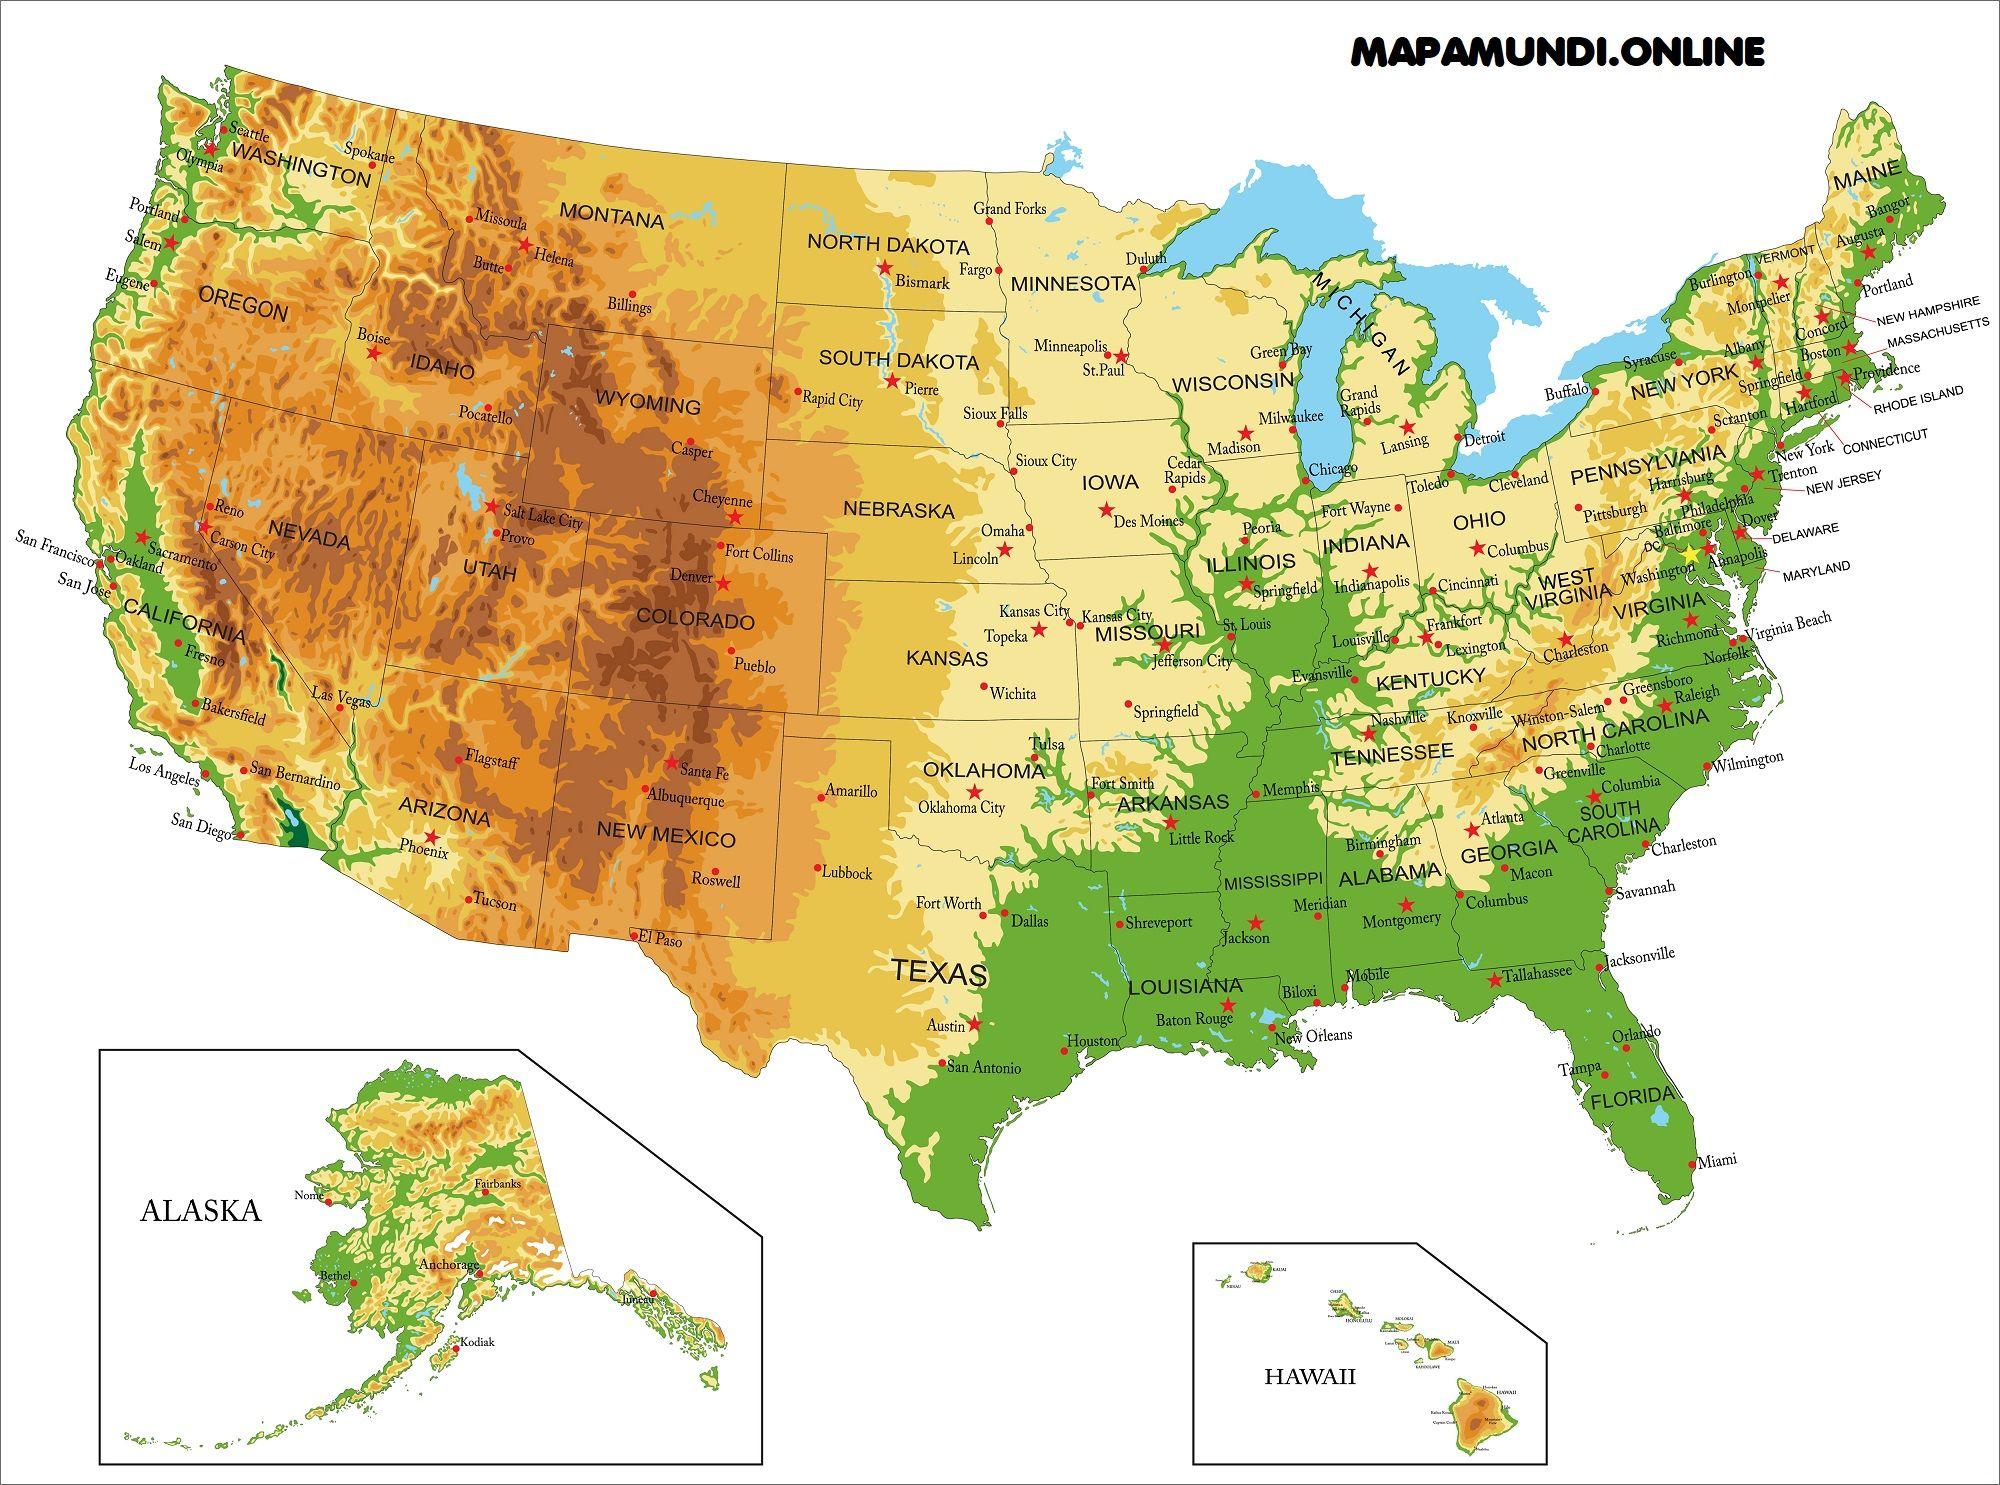 Mapa Politico De Eeuu Con Sus Estados Y Ciudades.Mapa De Estados Unidos Politico Fisico Descargar